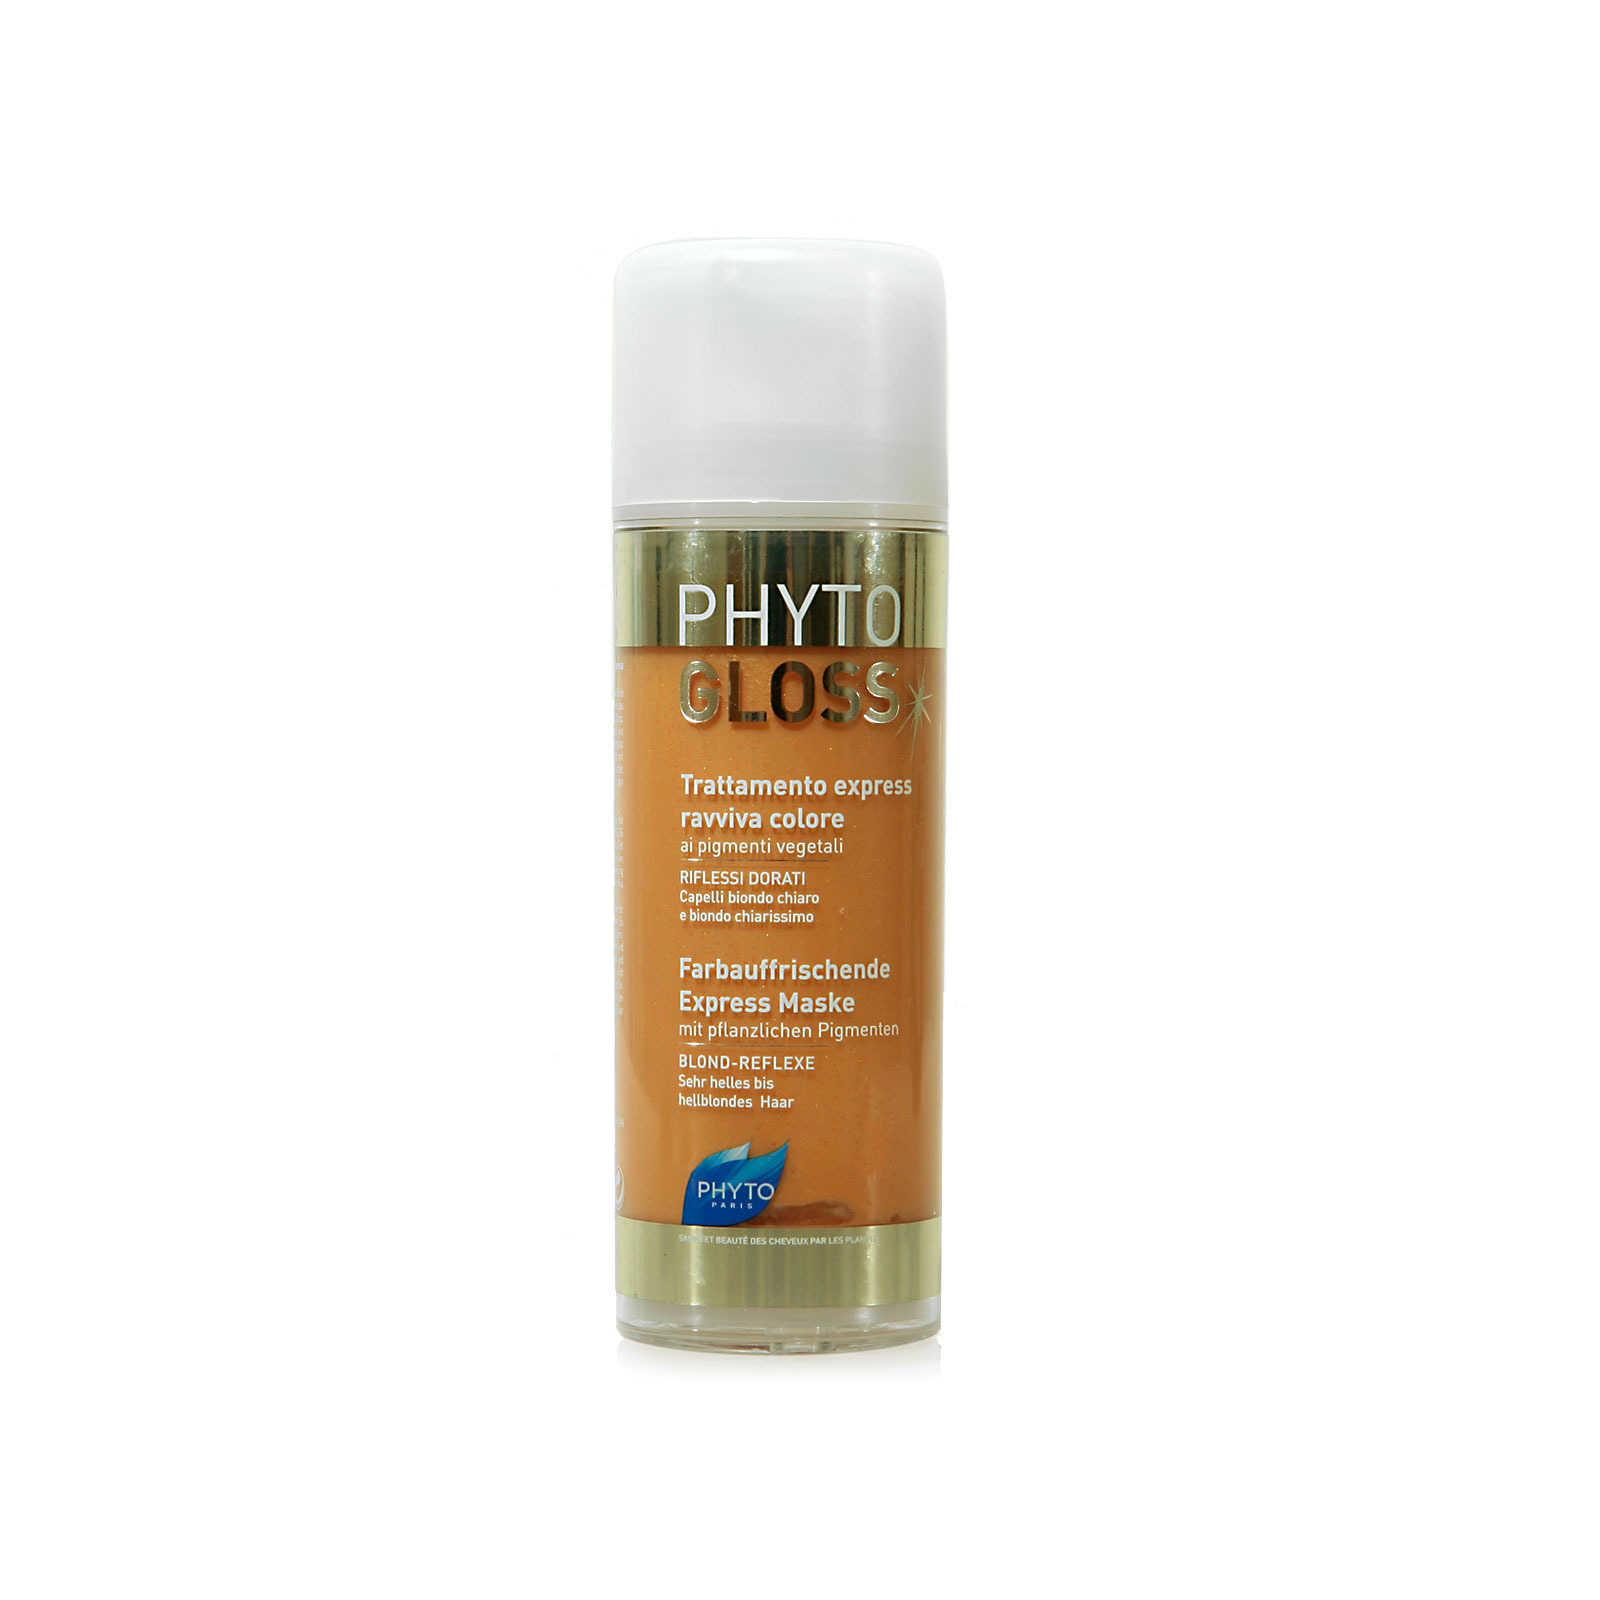 Phyto Paris - Trattamento per capelli per ravvivare i colori Riflessi Dorati - Gloss